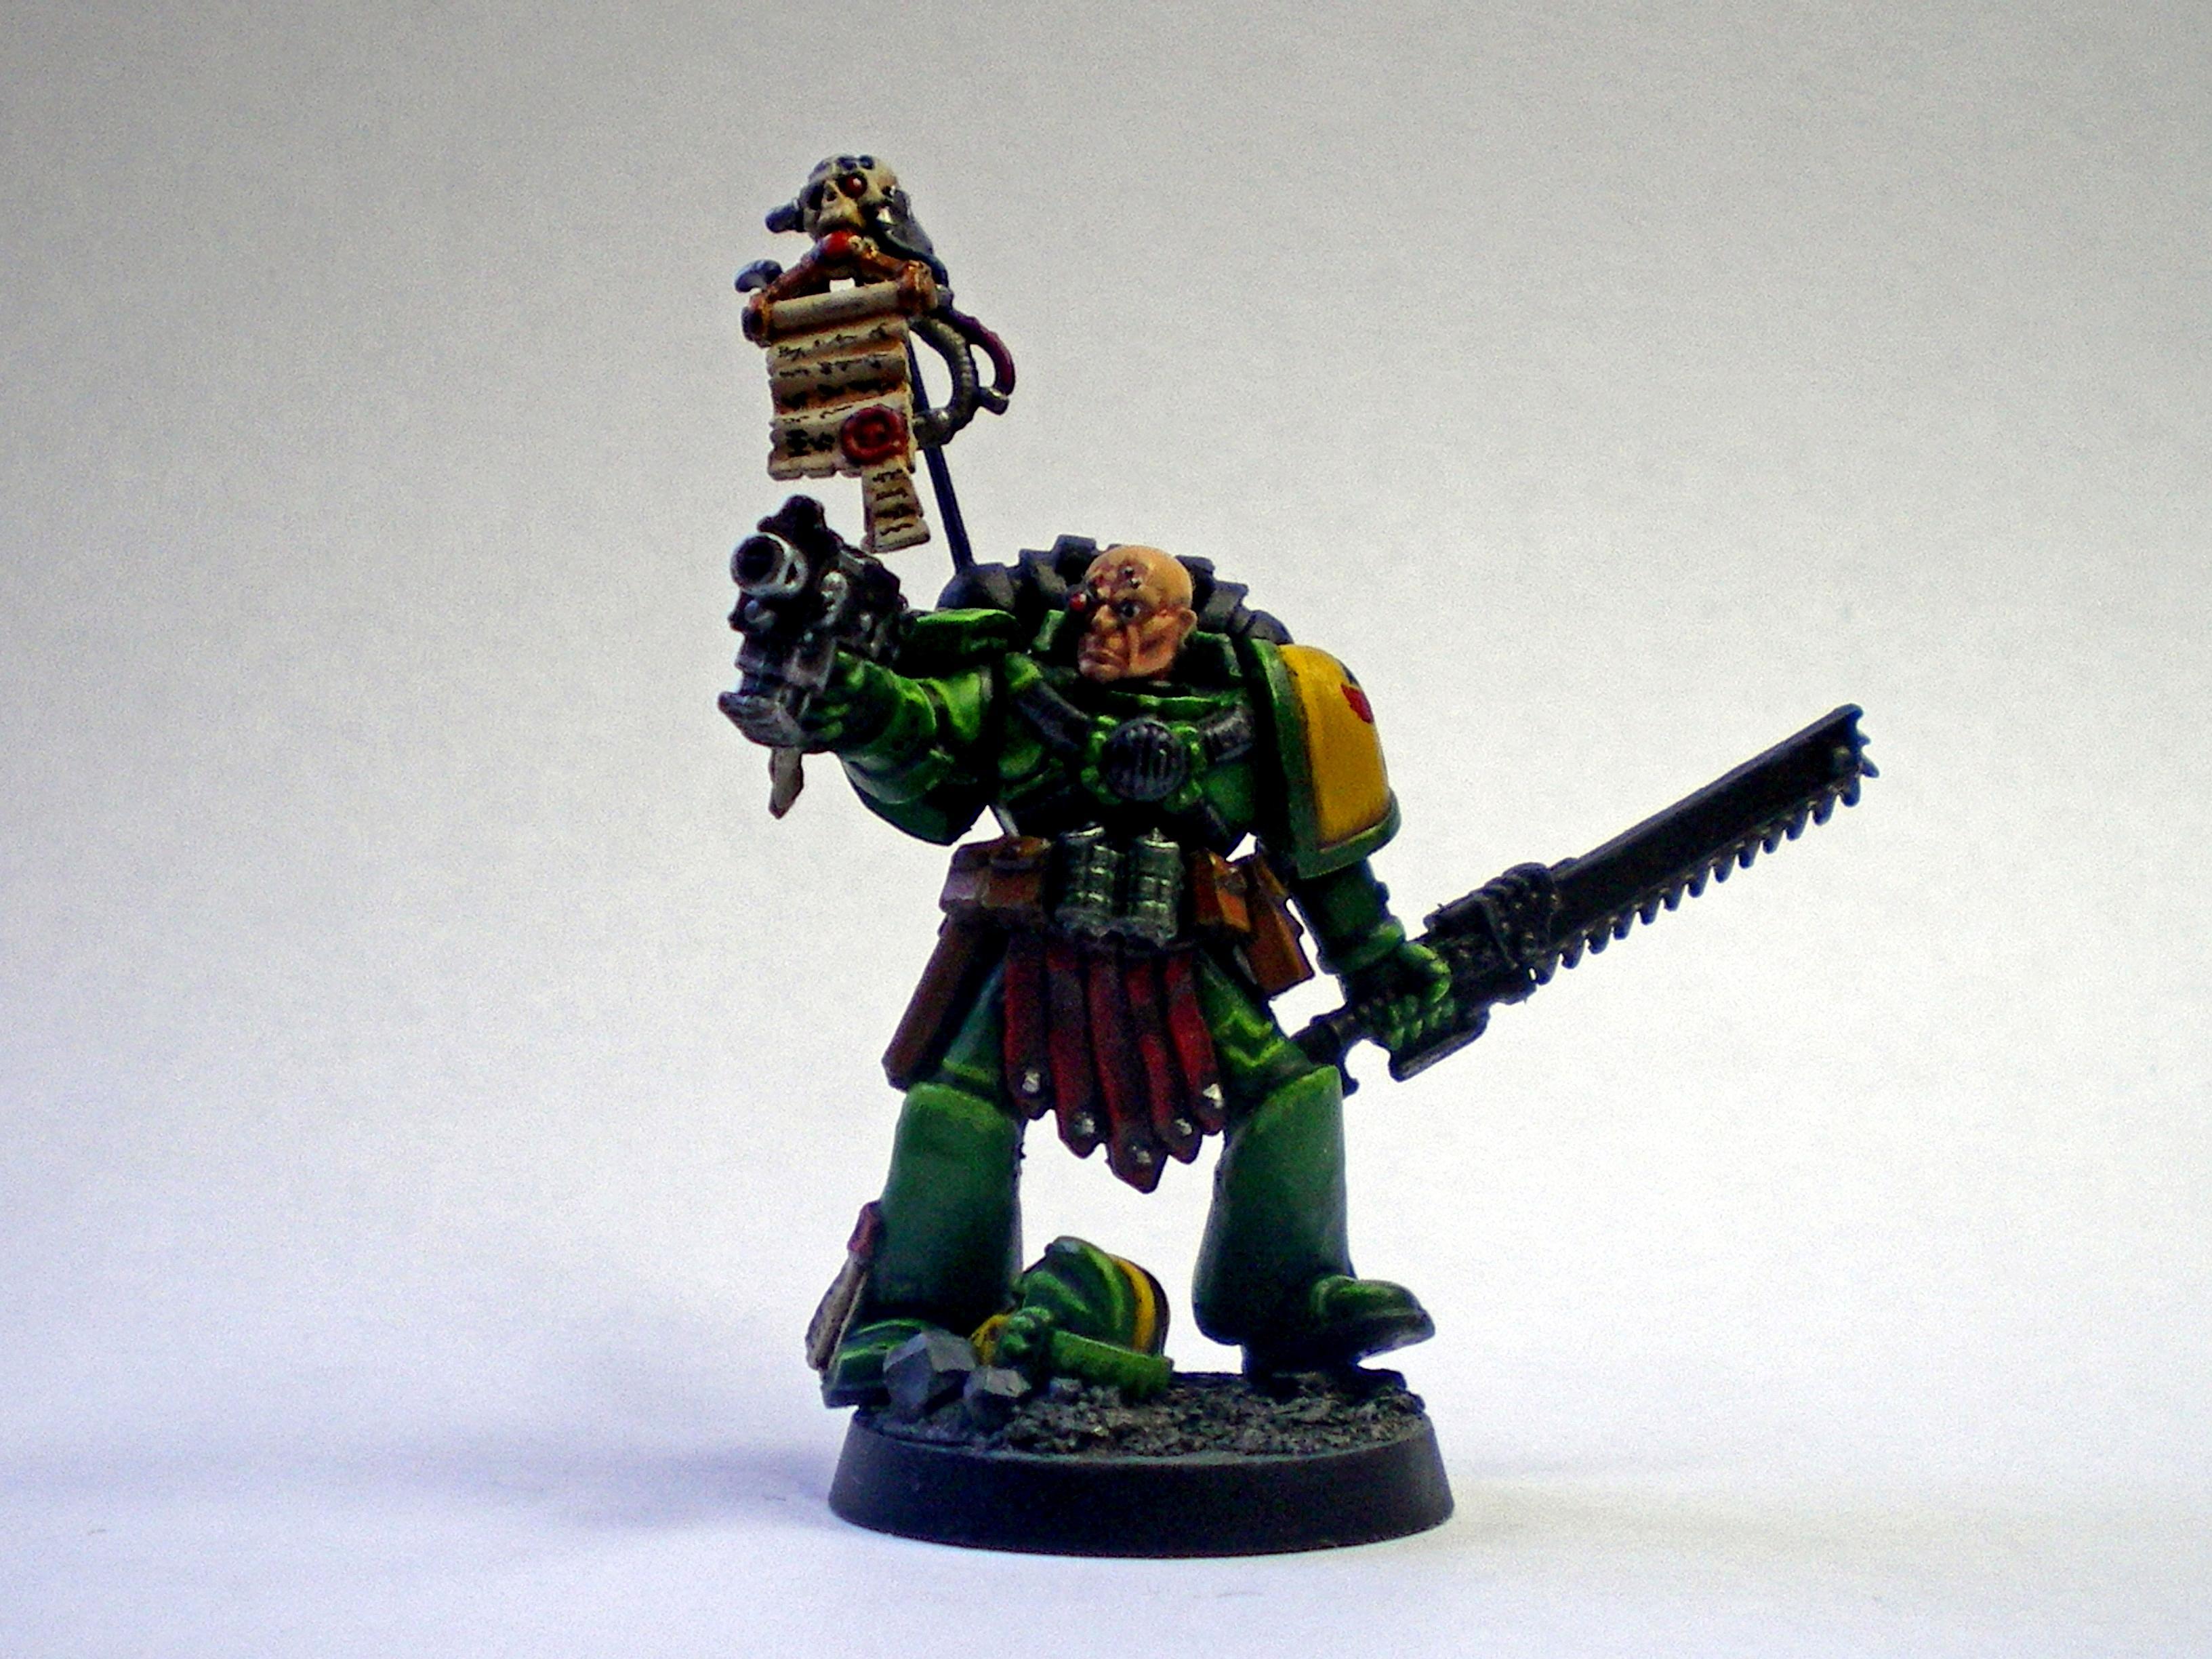 Mantis Warrior, Space Marines, Warhammer 40,000